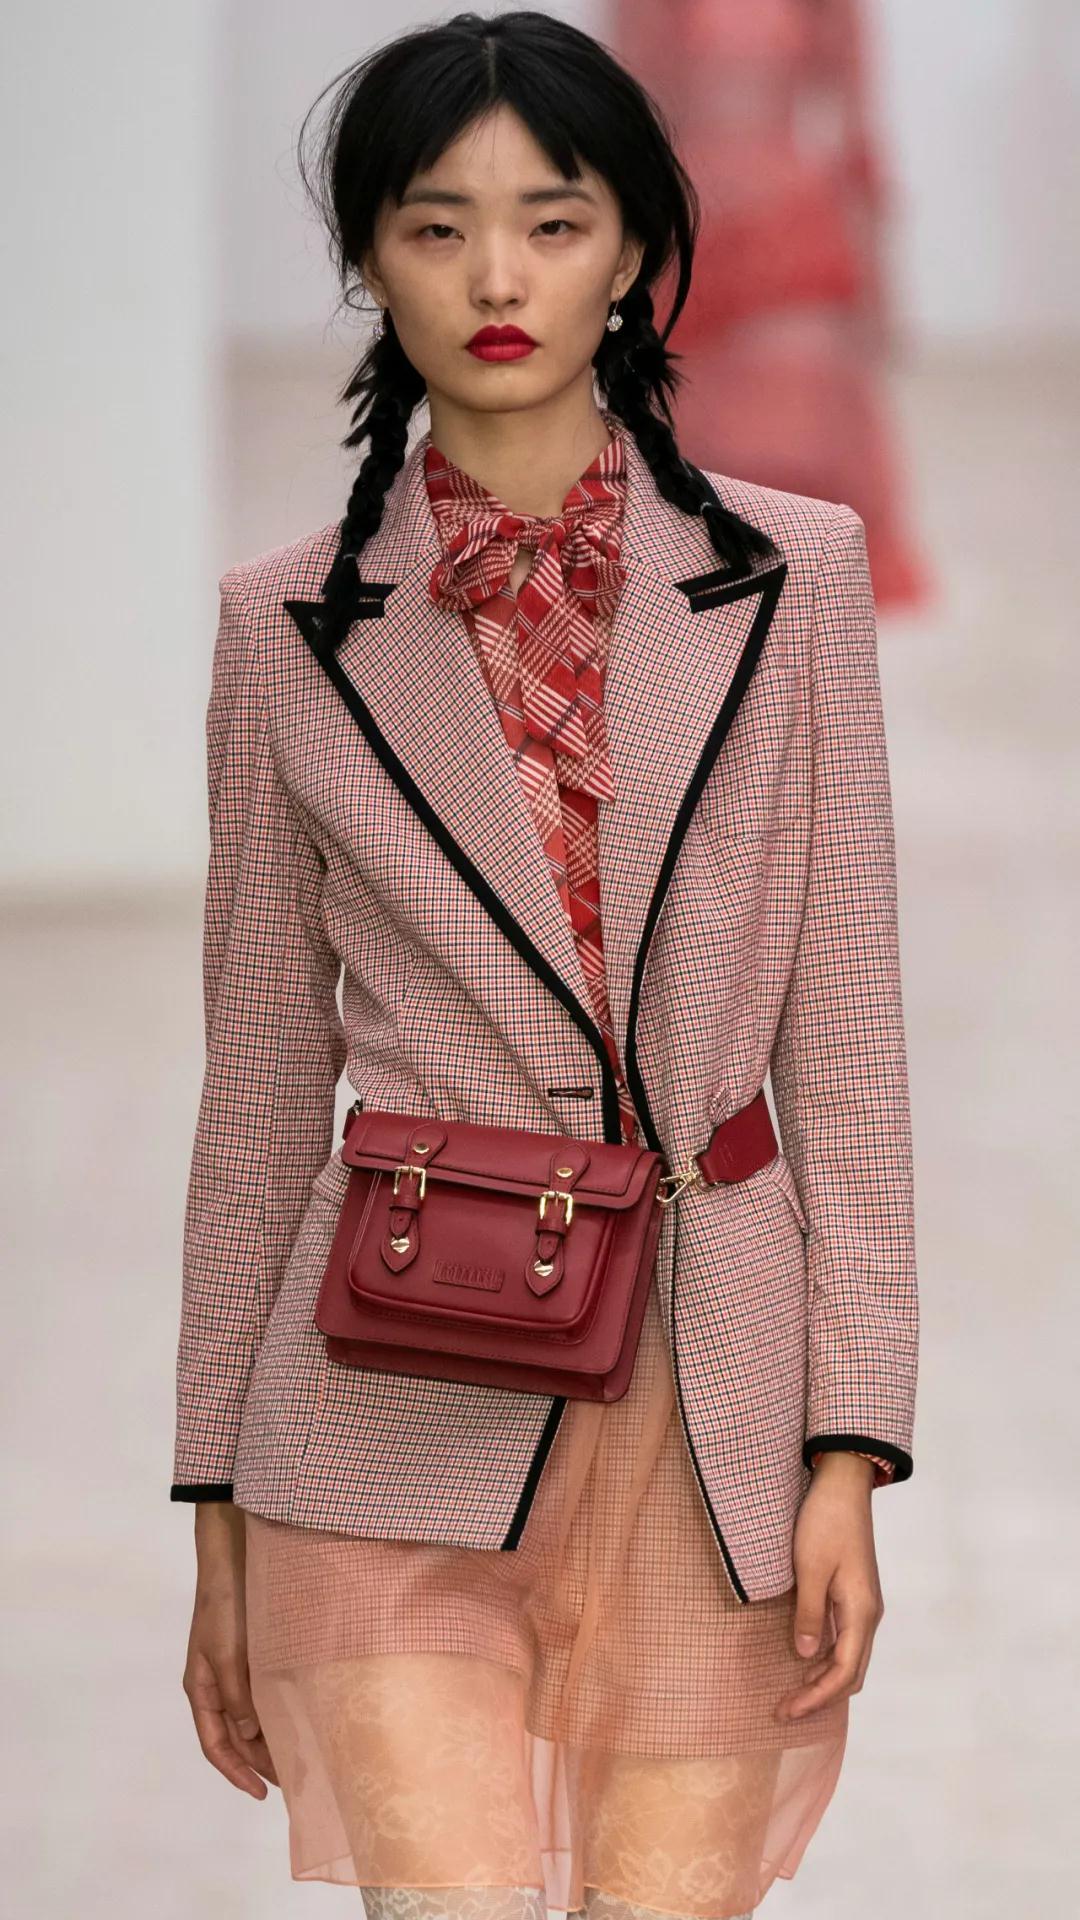 《【摩鑫娱乐app登录】单品趋势分析 2021春夏女士西装流行趋势》